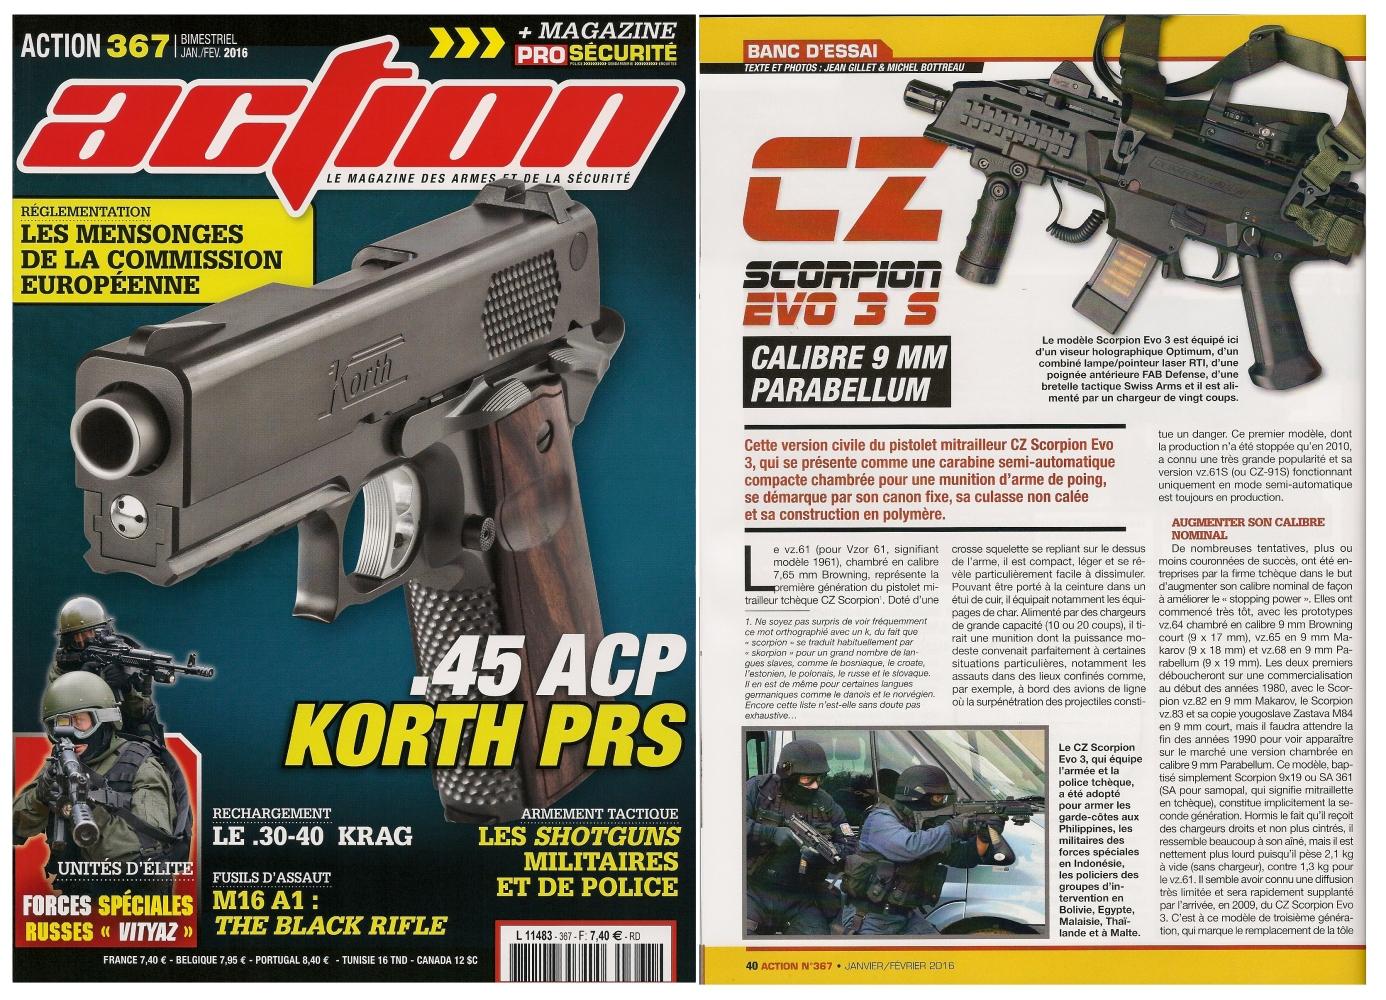 Le banc d'essai de la carabine CZ Scorpion Evo 3 S a été publié sur 6 pages dans le magazine Action n°367 (janvier-février 2016).